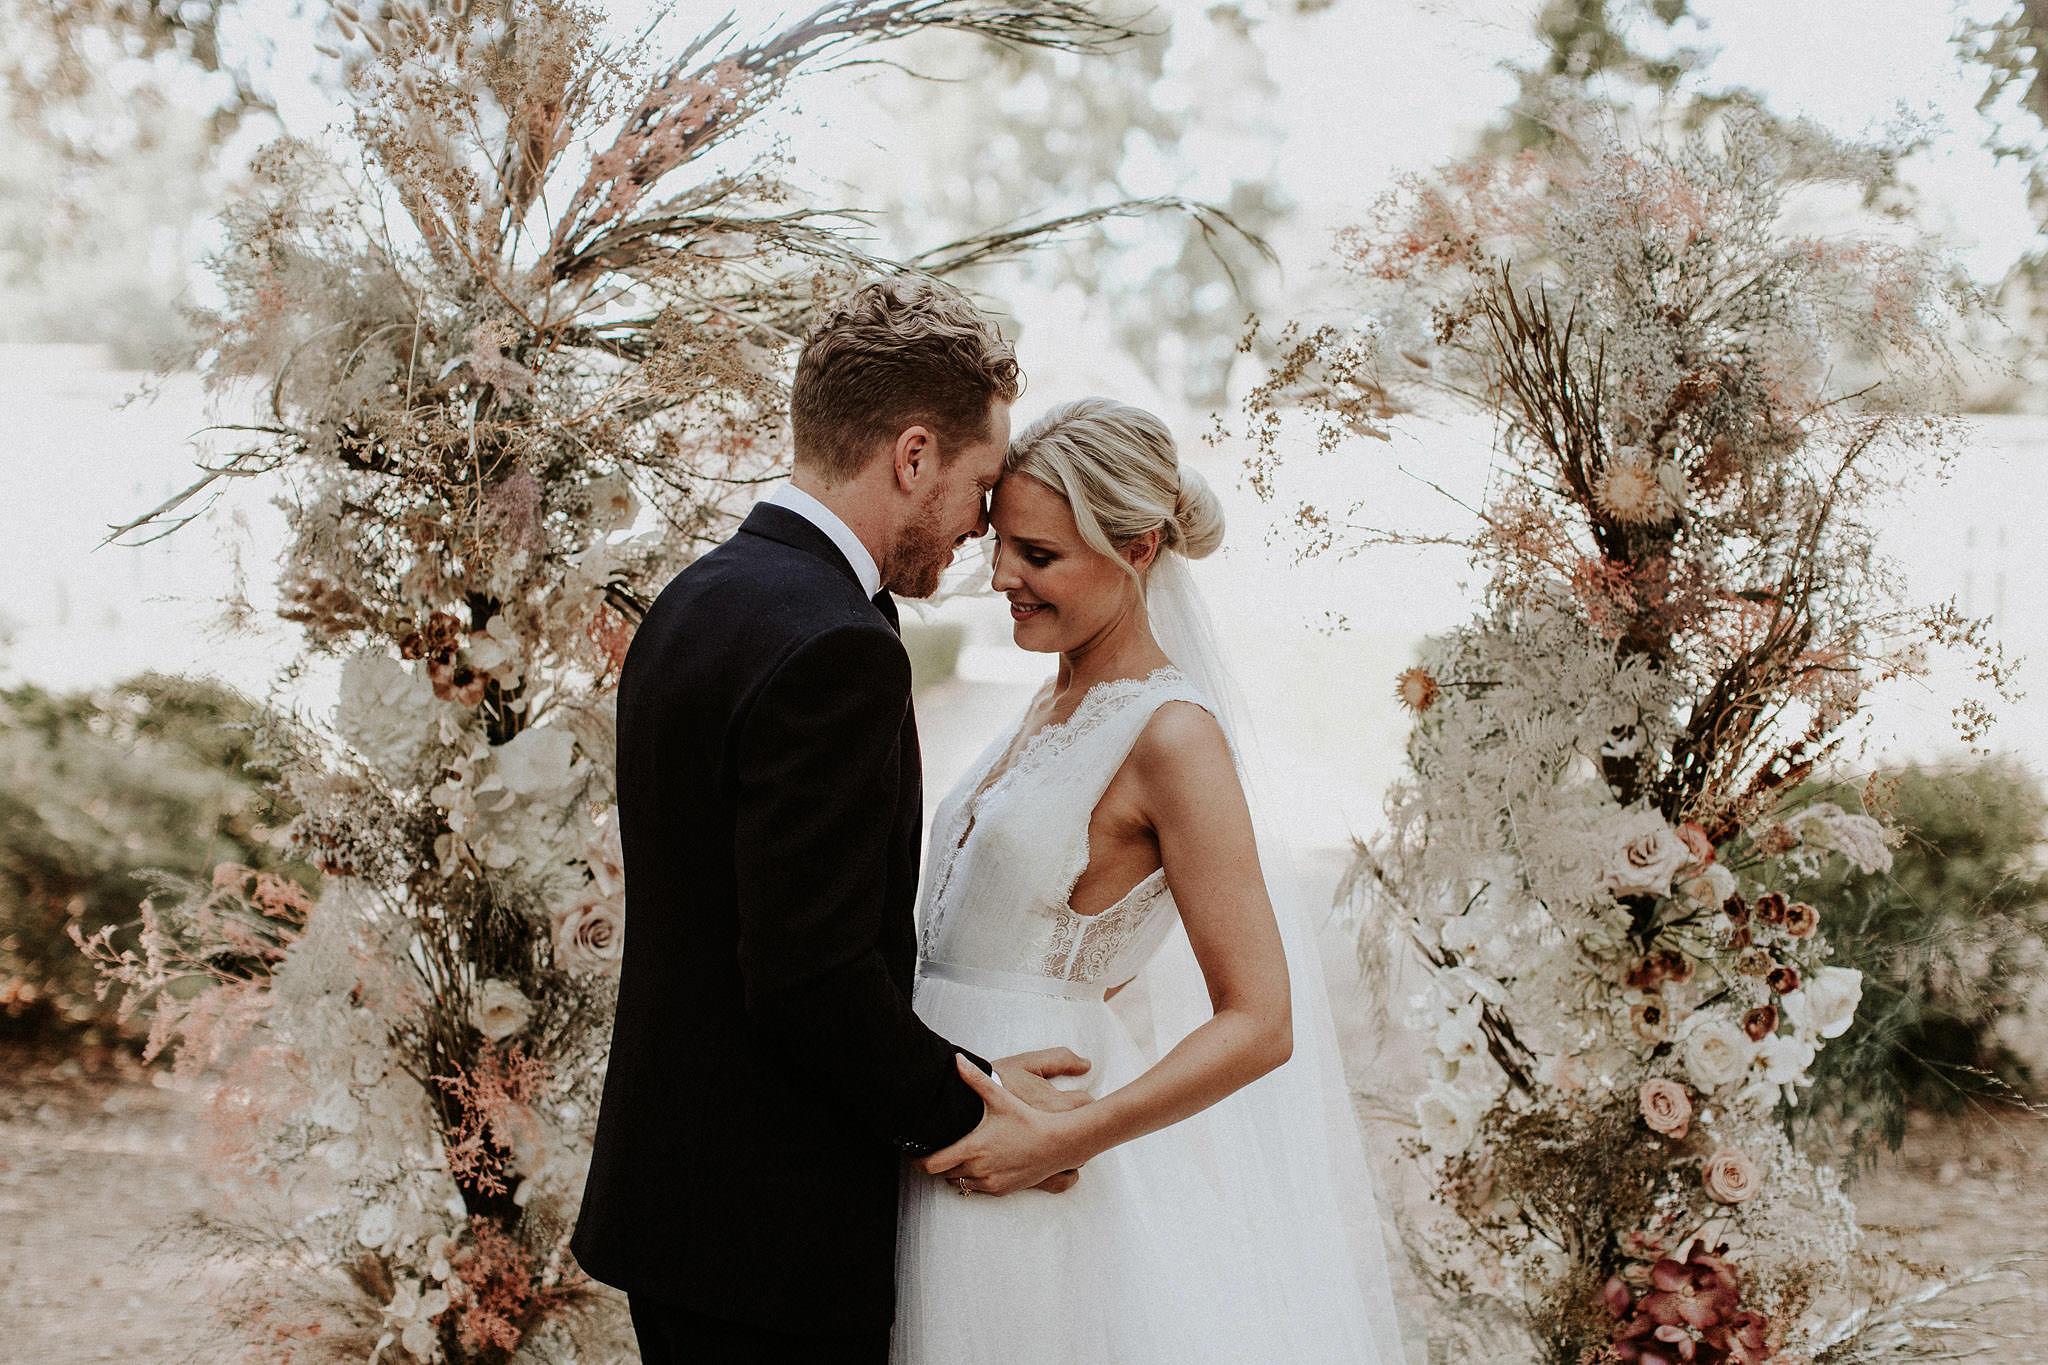 Mari+Rowan_weddingday_00341